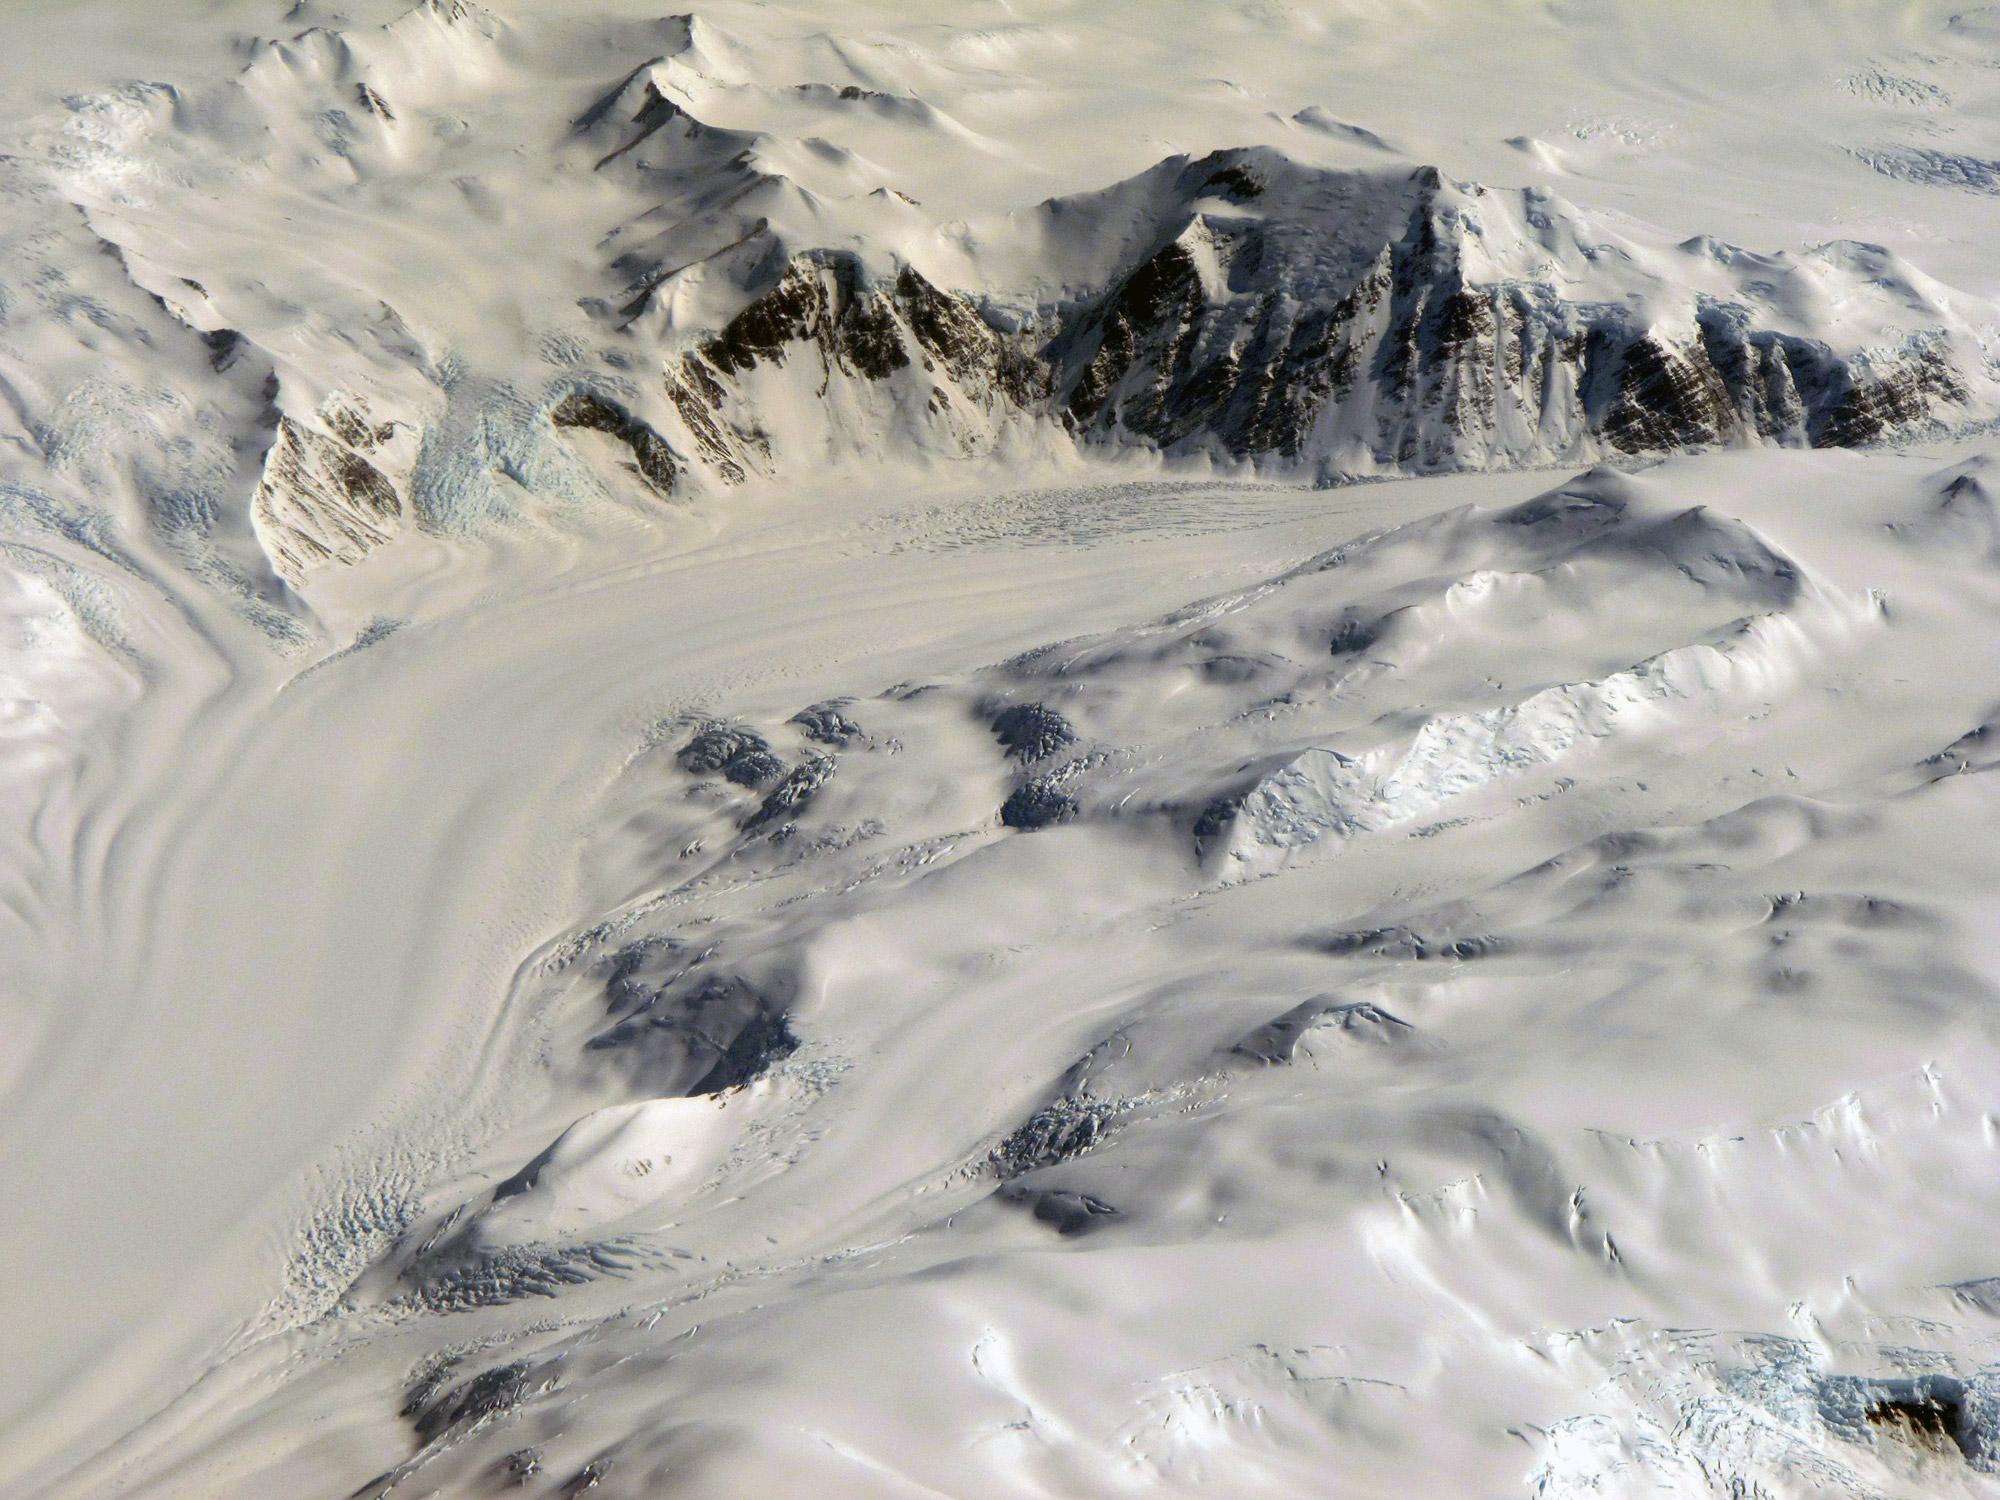 Alexandra Mountains And Coastal Region